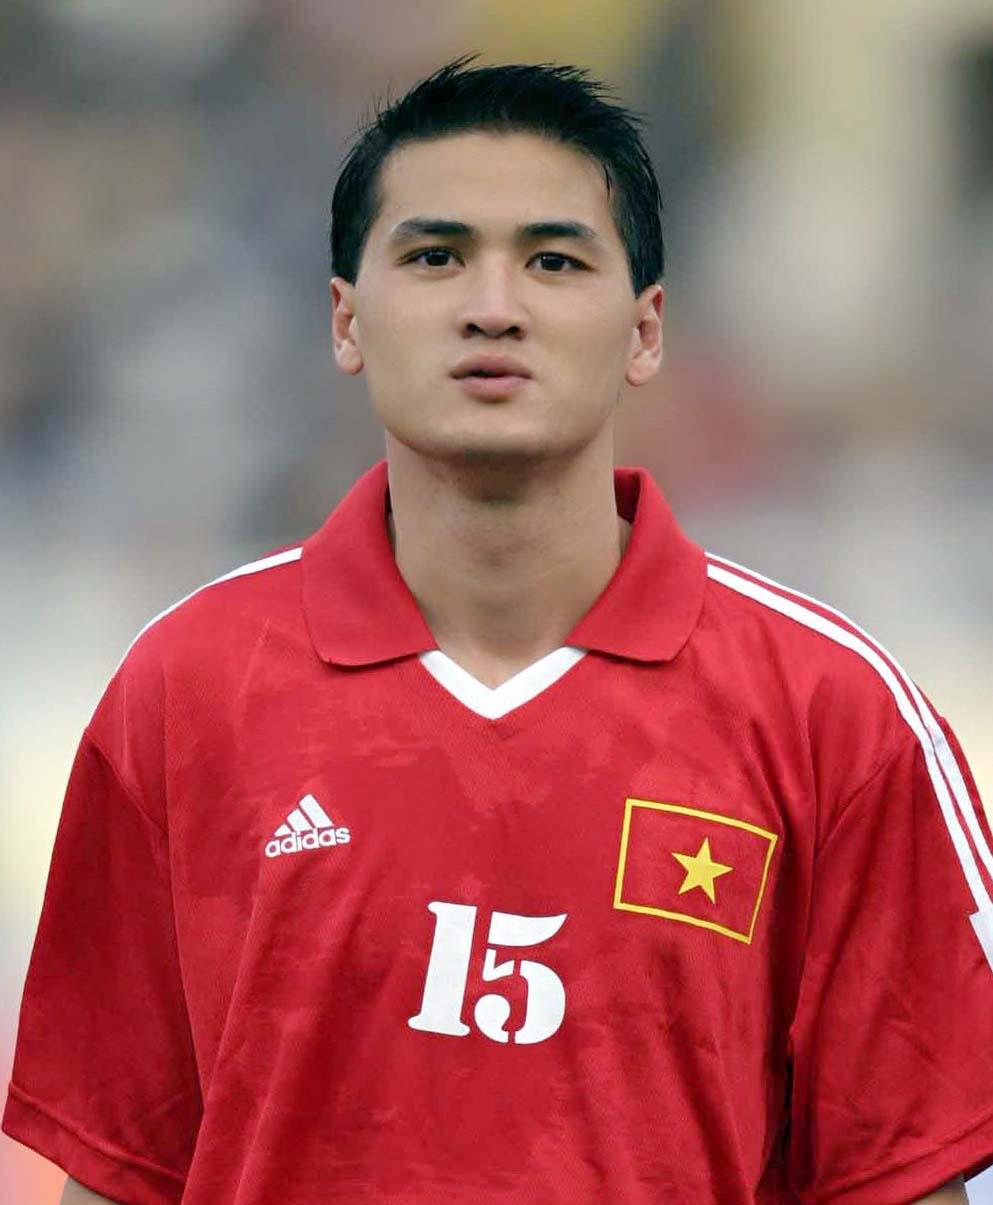 Nguyễn Mạnh dũng là trung vệ nổi tiếng của Việt Nam, từng khoác áo Thể Công, HAGL và nhiều năm khoác áo tuyển.